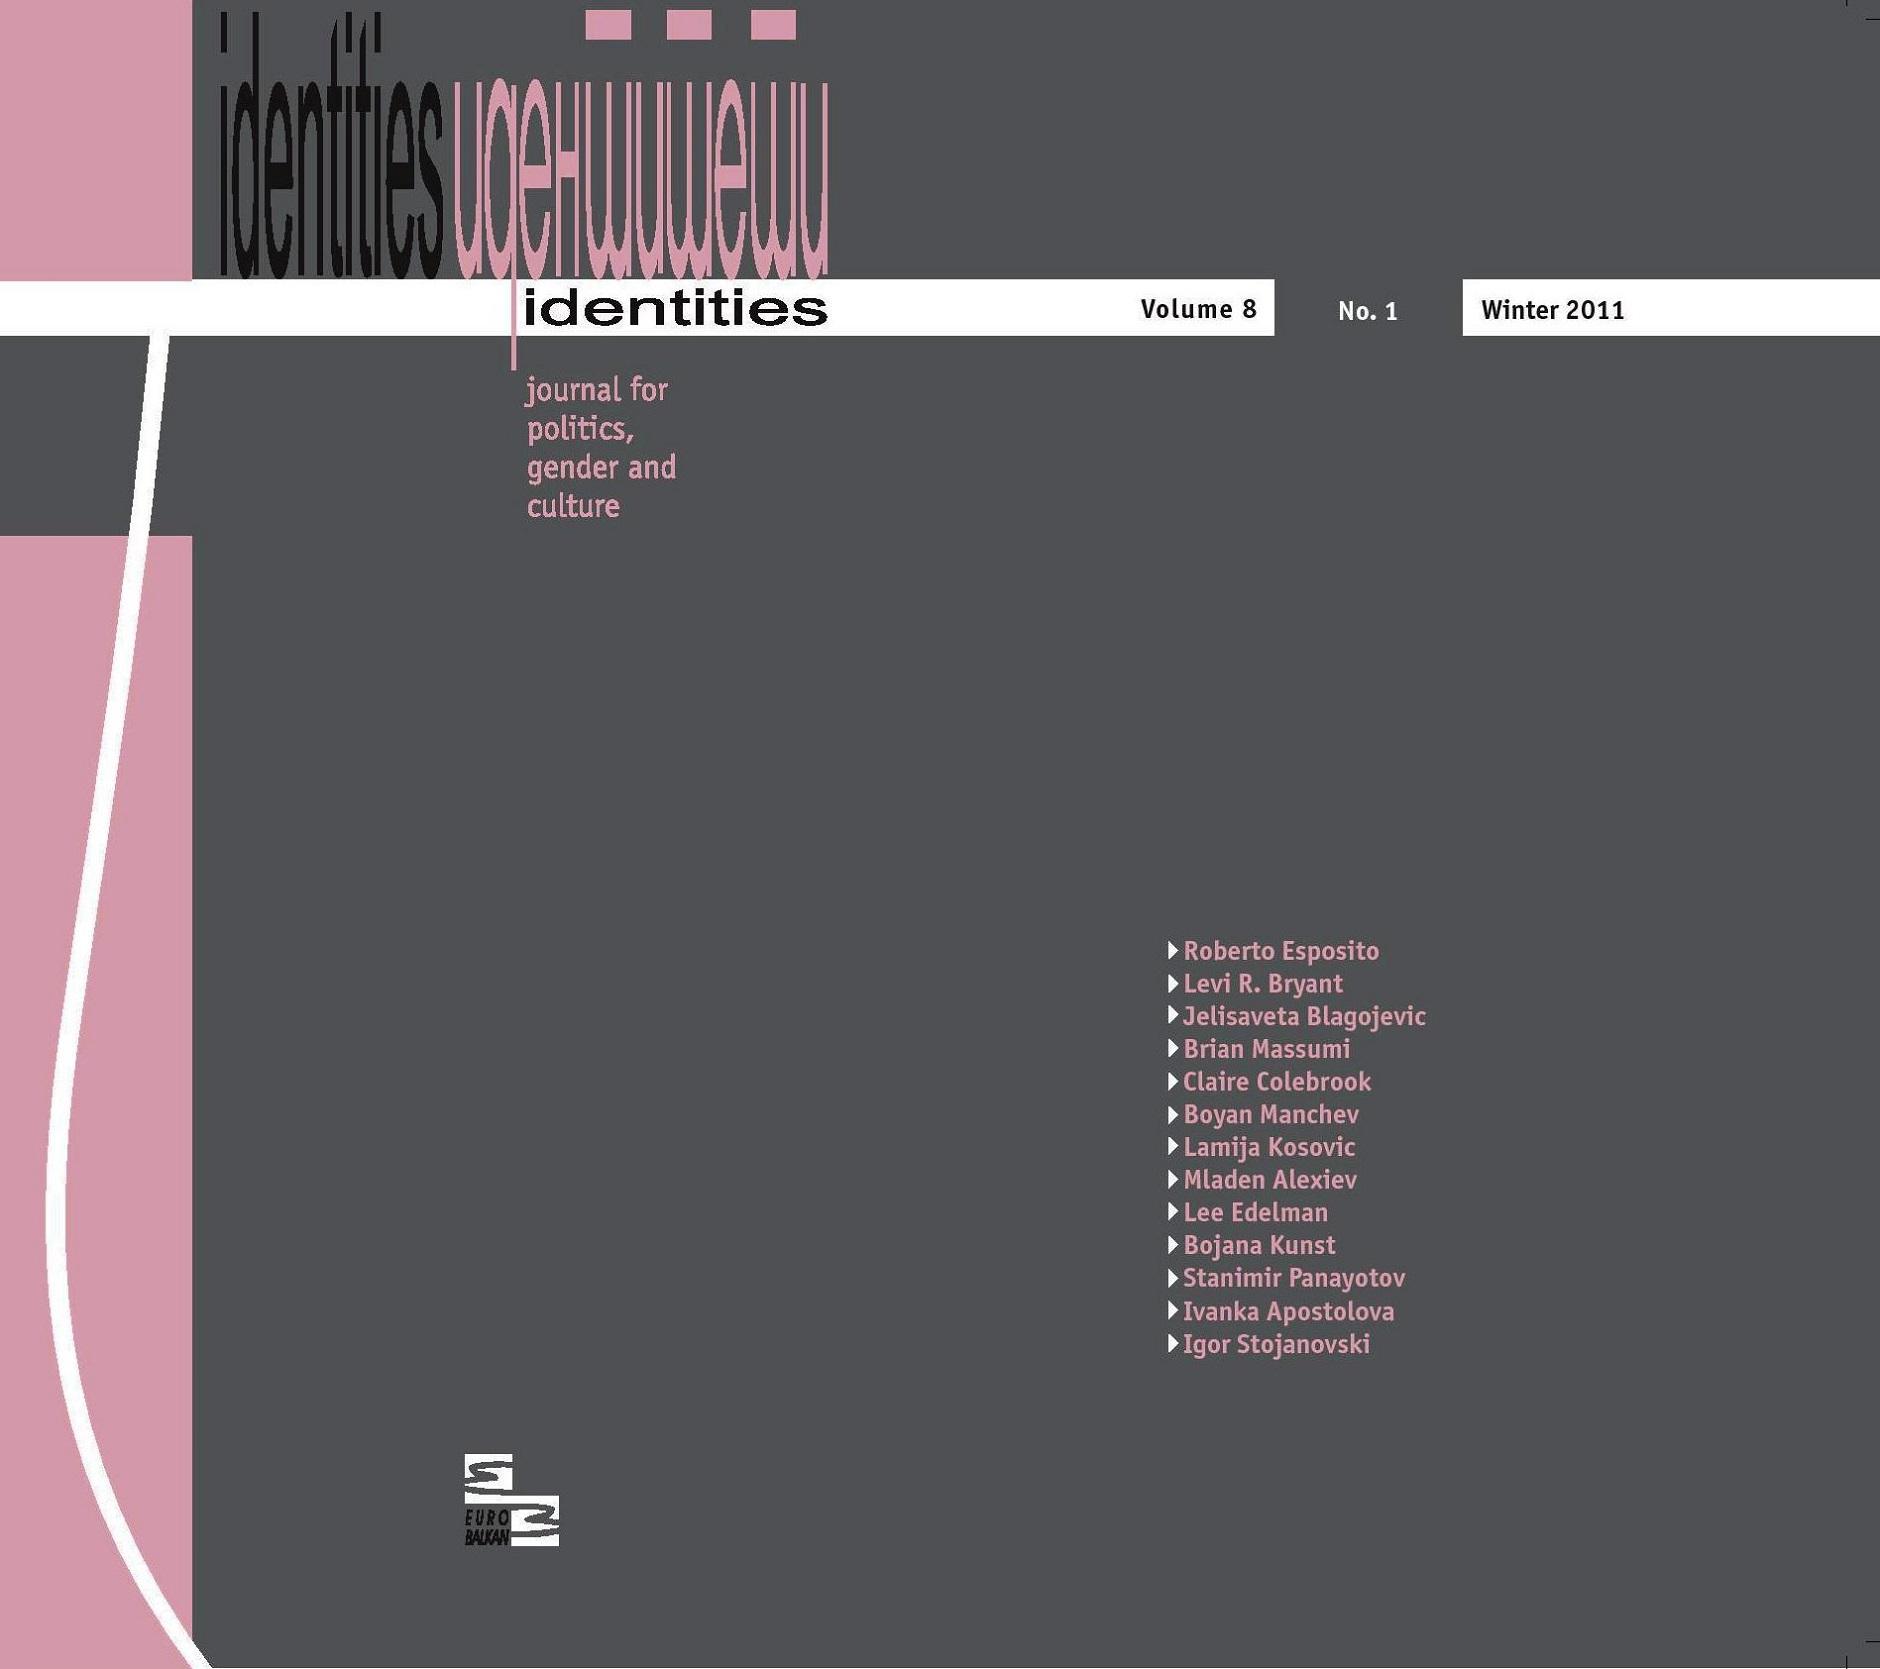 View Vol. 8 No. 1 (2011): Vol. 8, No. 1 (Winter 2011) - Issue No. 18 | edited by Slavčo Dimitrov